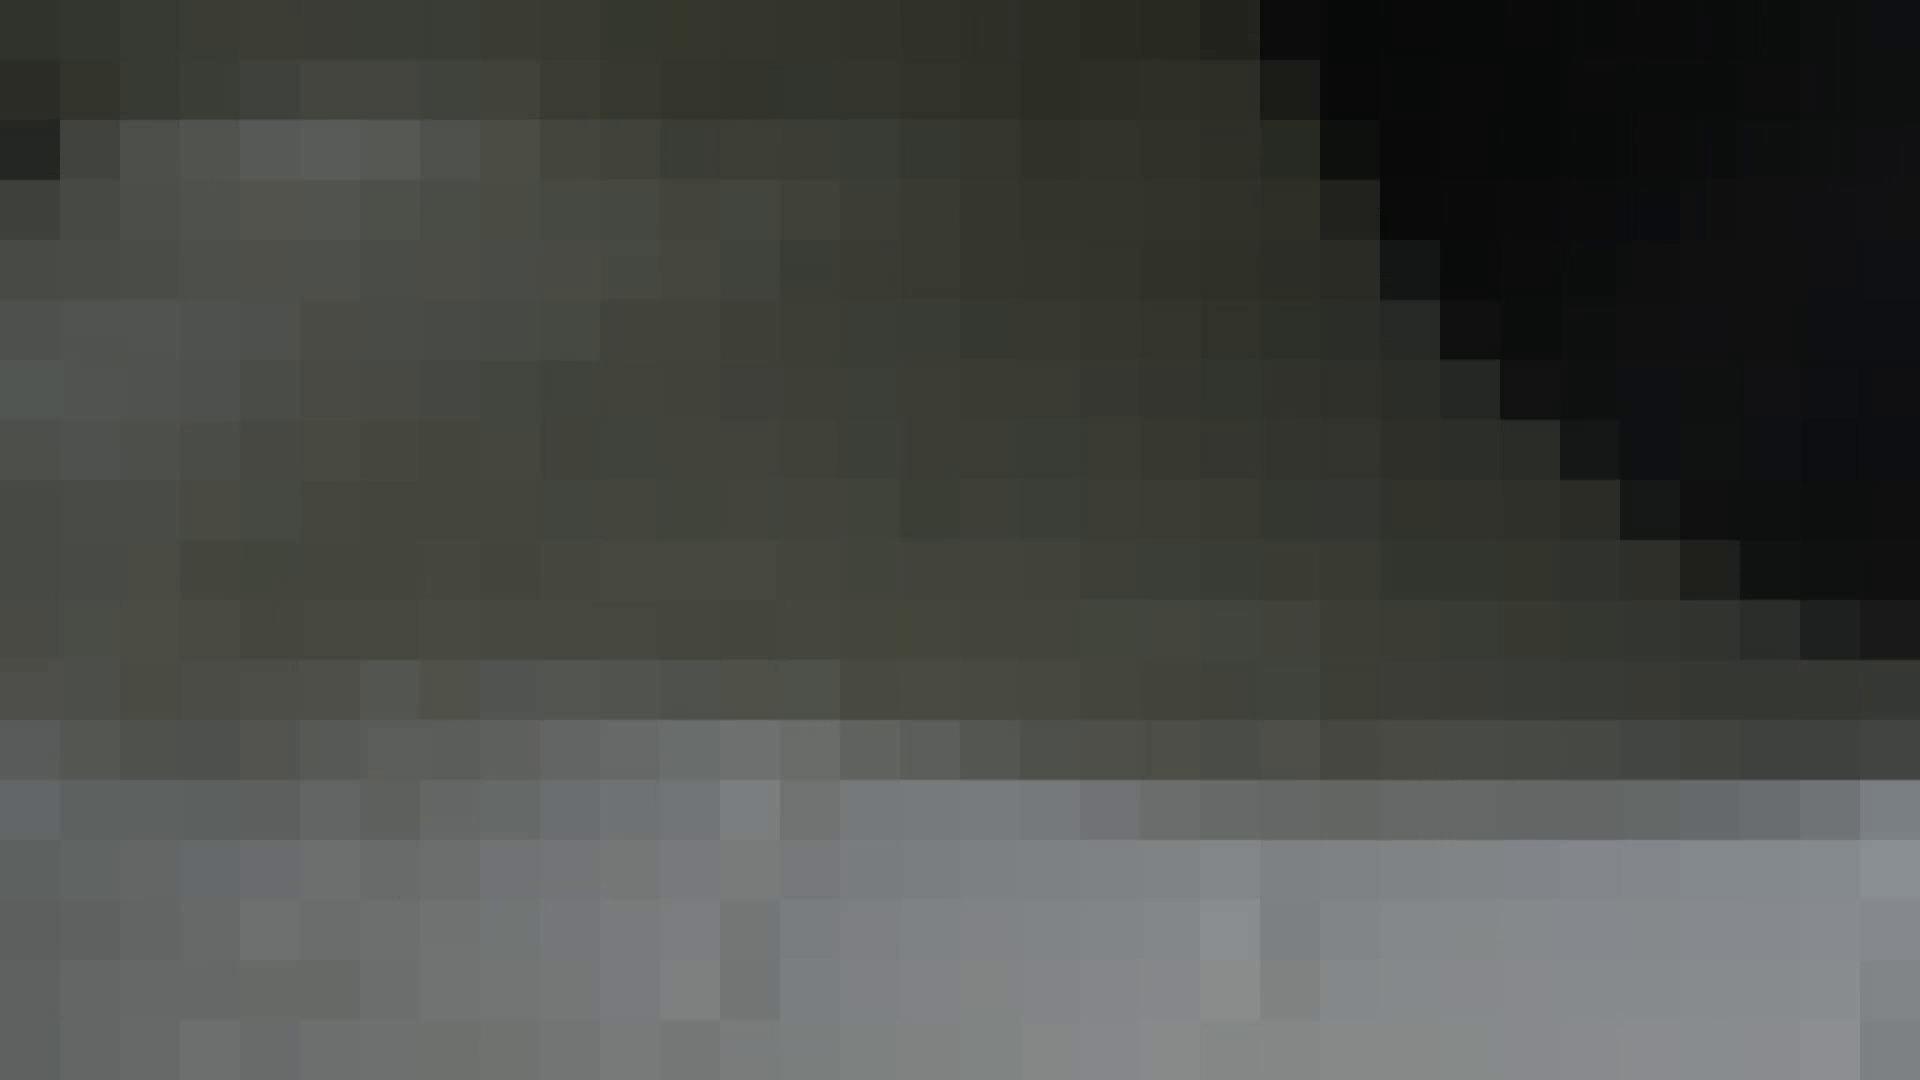 洗面所特攻隊vol.012 OLのボディ  105PIX 30